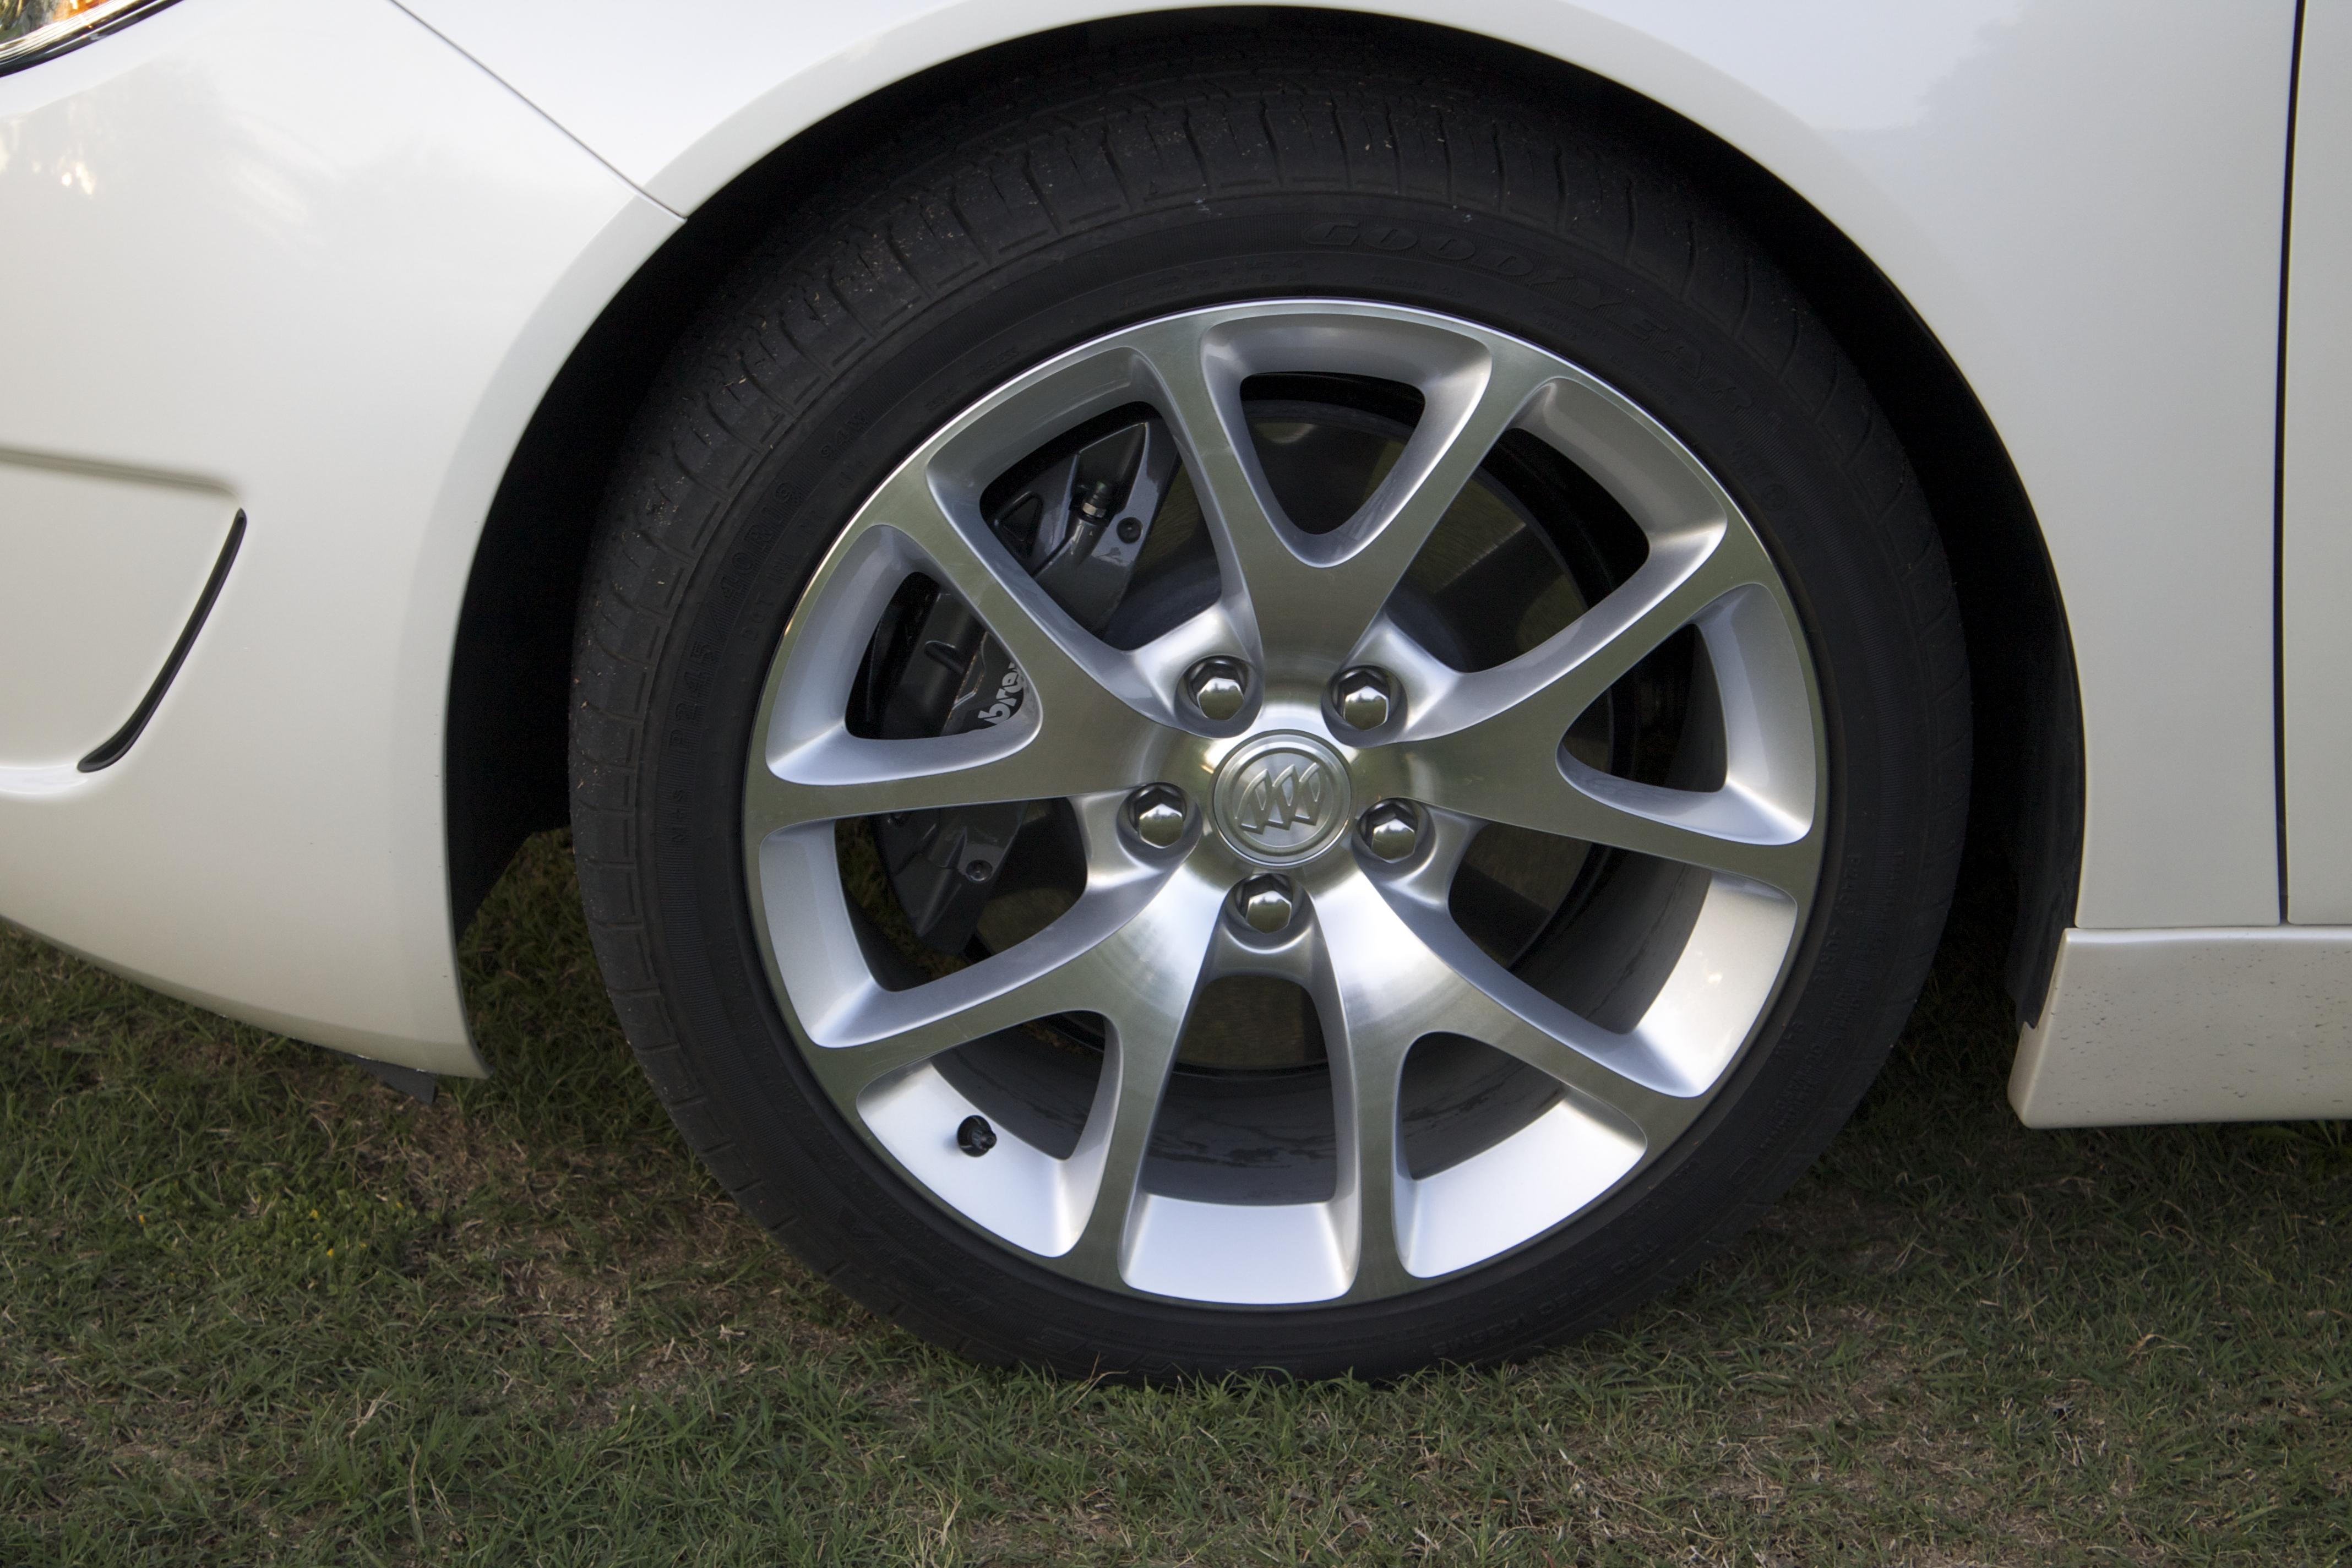 Buick Regal: Tires